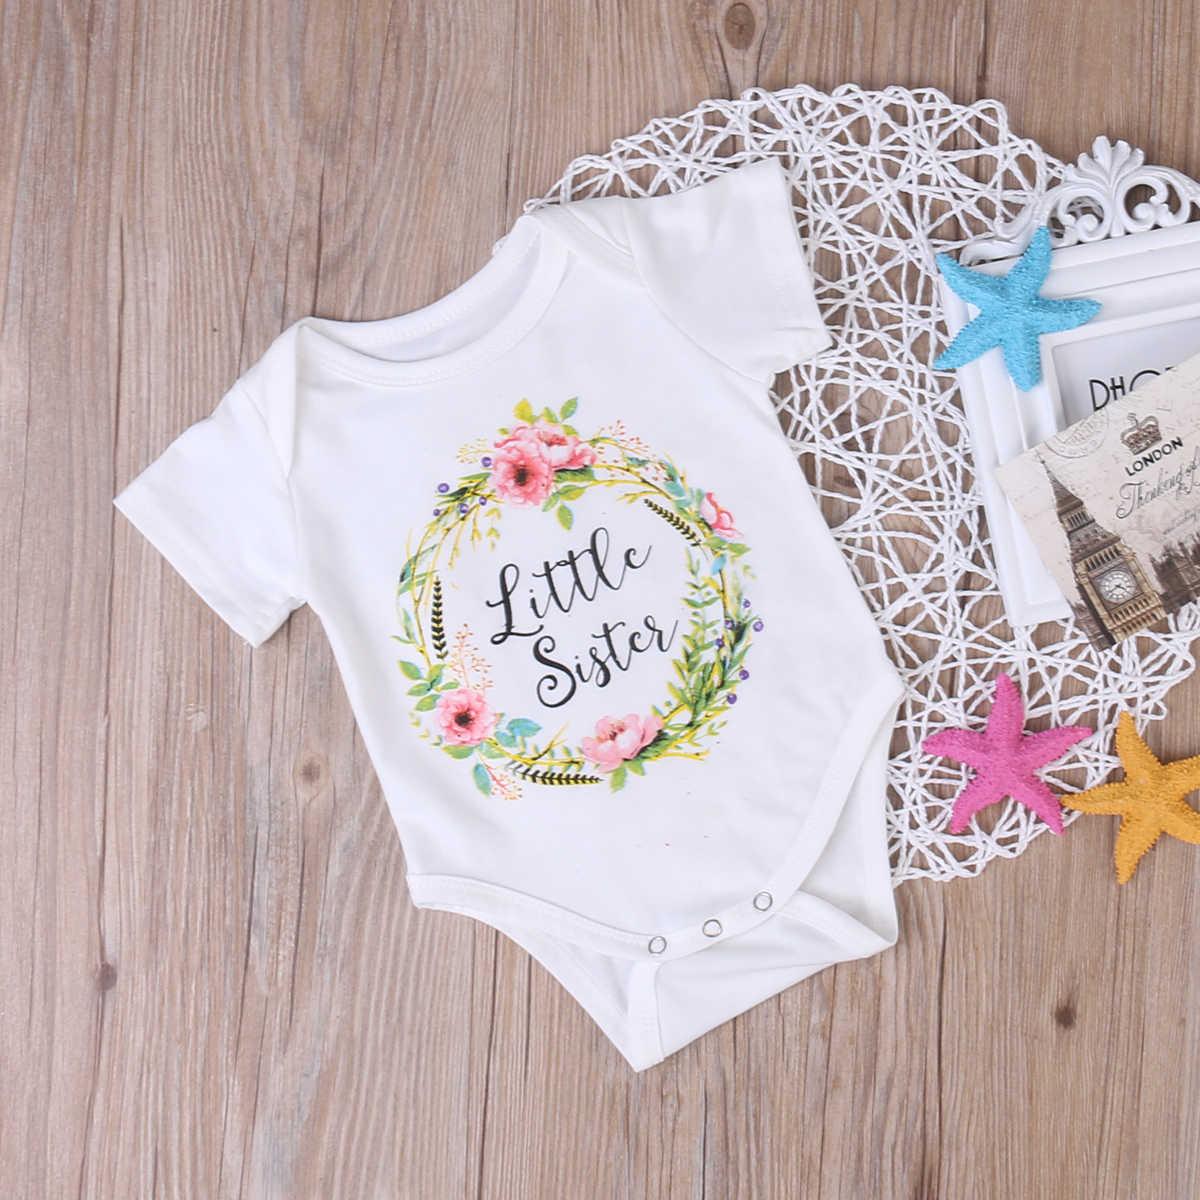 Pudcoco/Одежда для маленьких девочек; одежда для сестер; боди и футболка